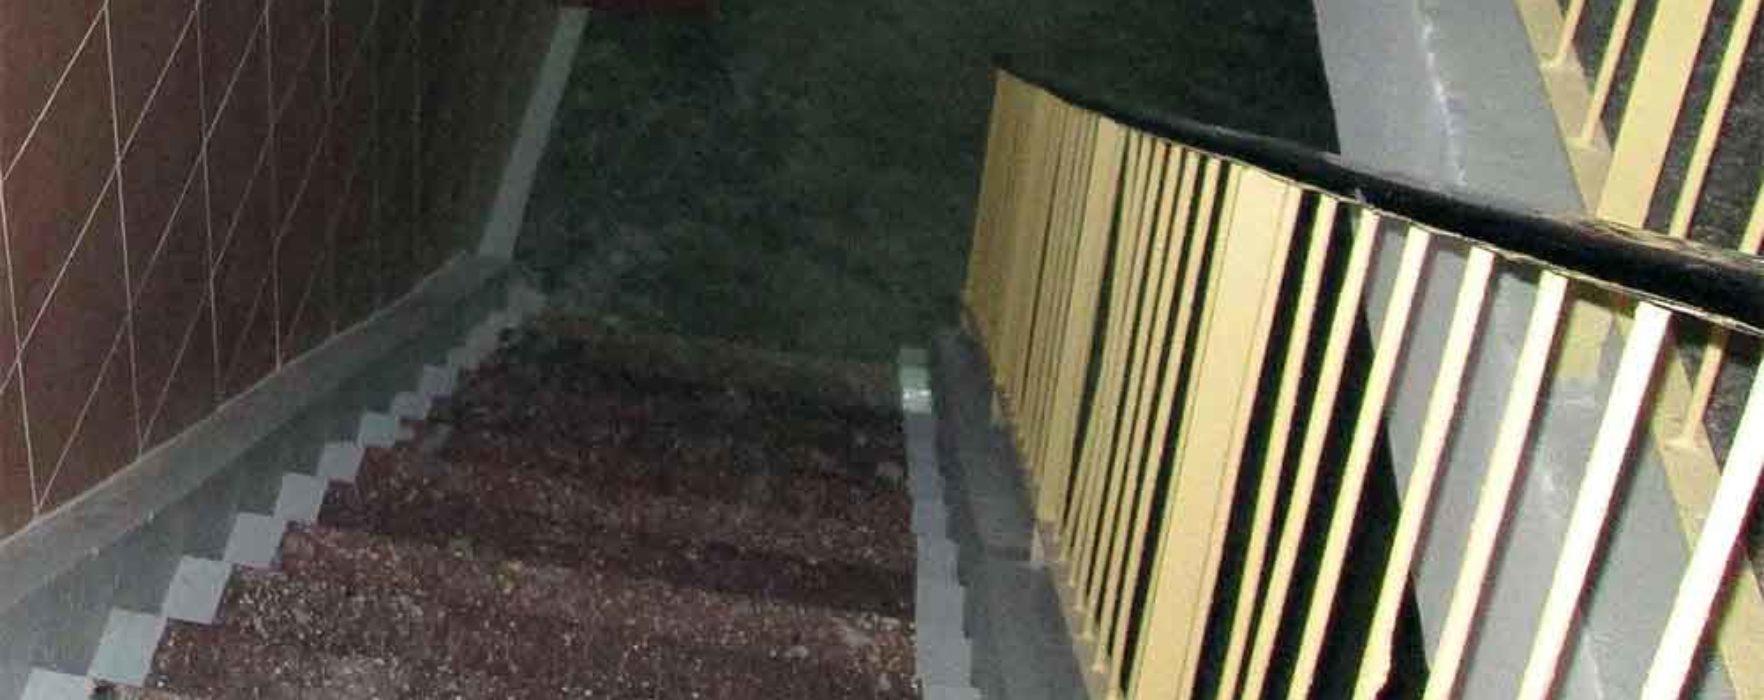 Târgovişte: Elev de 12 ani a căzut de la etajul doi printre scările din clădirea unui liceu